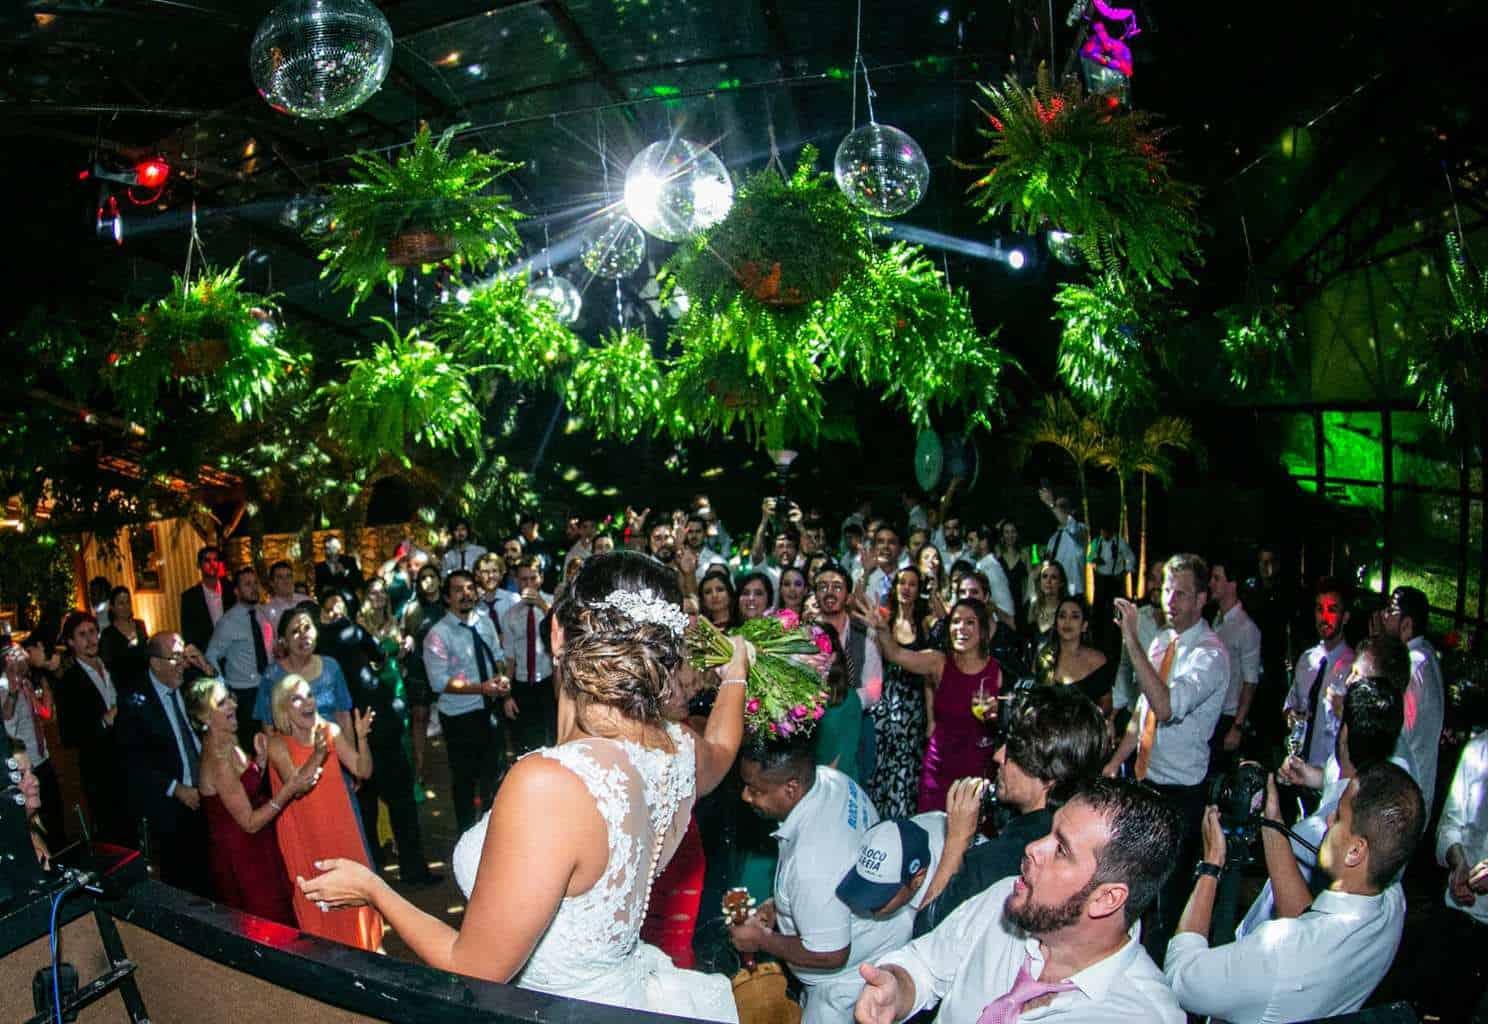 casamento-boho-chic-casamento-Luisa-e-David-festa-de-casamento-Fotografia-Rodrigo-Sack-Largo-do-Arruda-Rio-de-Janeiro-62